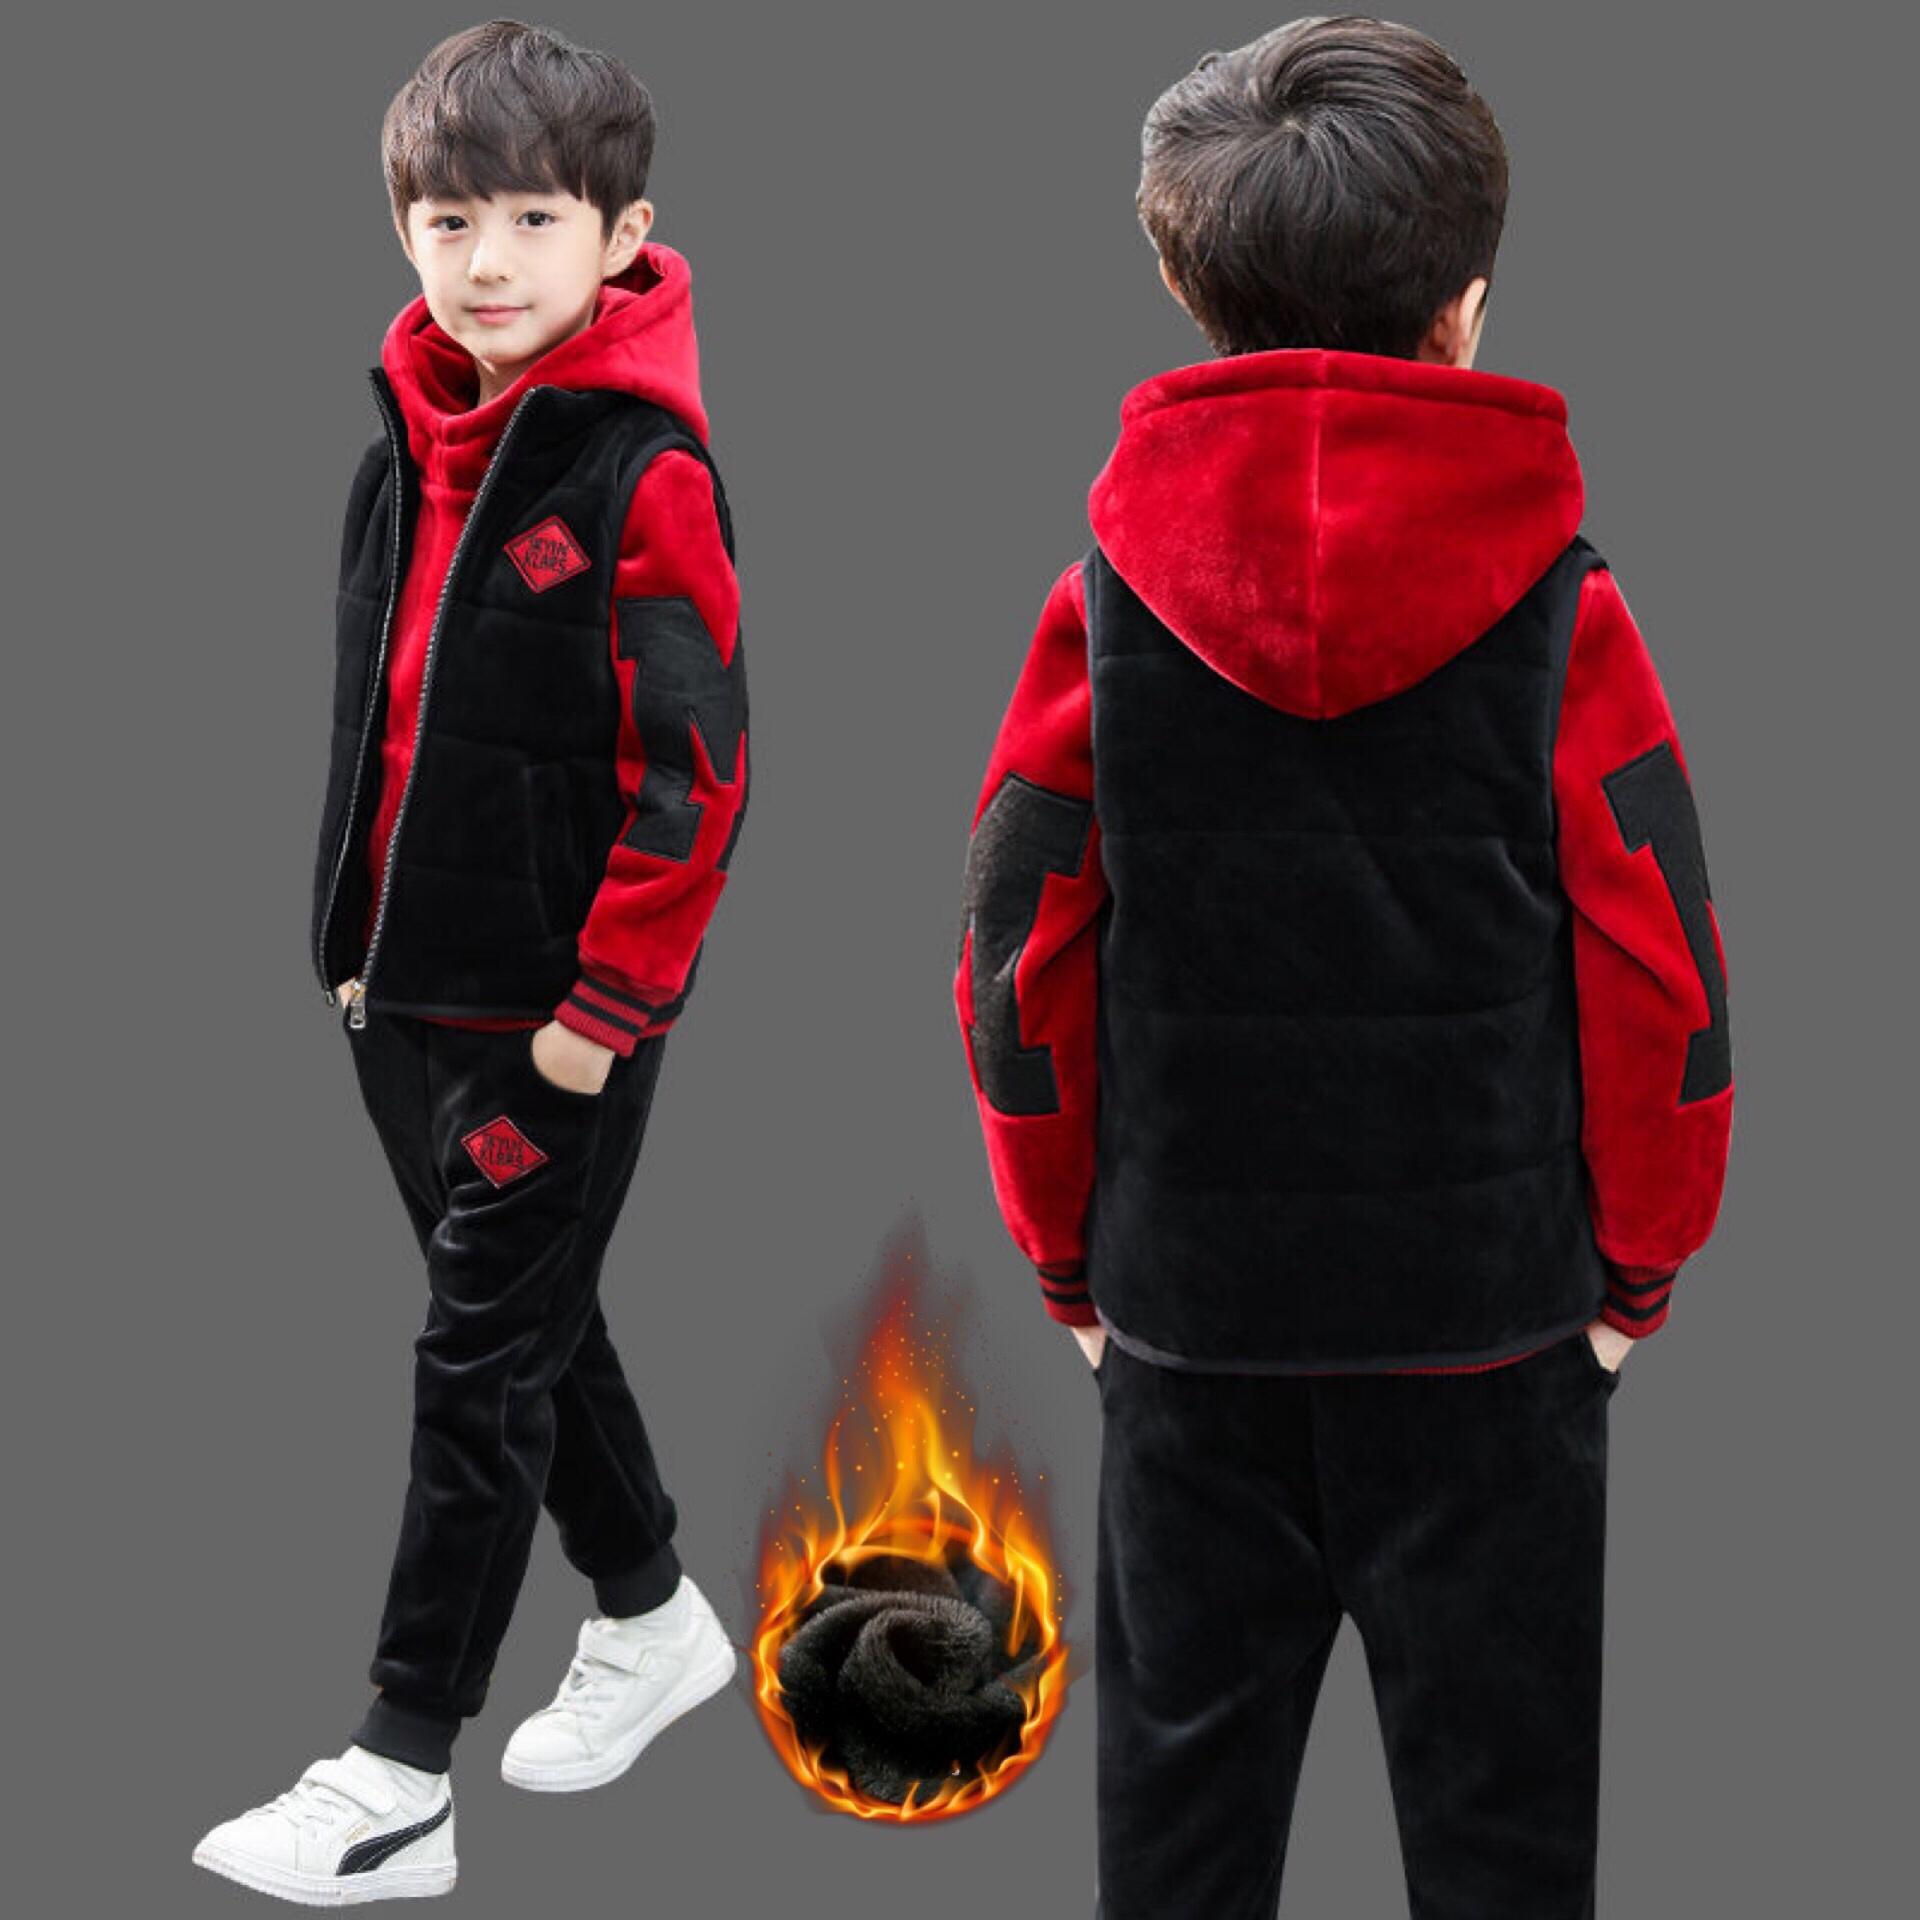 童装男童加绒加厚帅气三件套冬装套装2019新款儿童小孩卫衣秋冬季